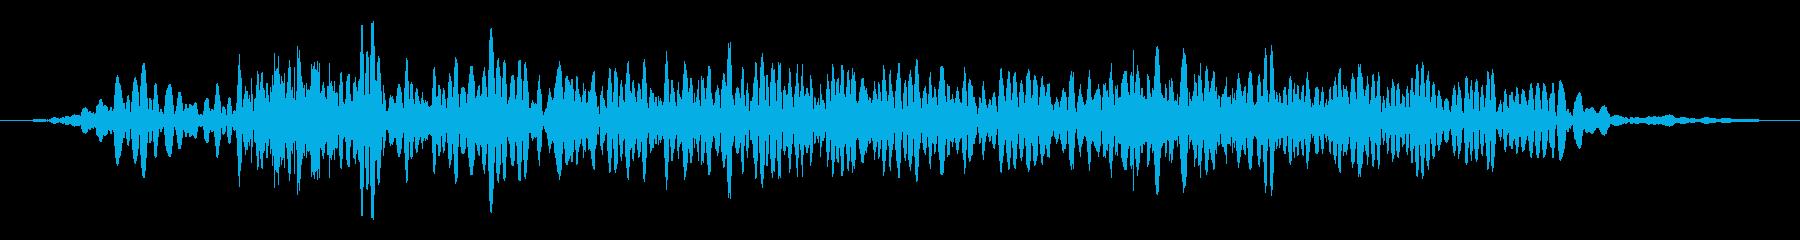 カエル モンスター キャラタップ 困惑の再生済みの波形